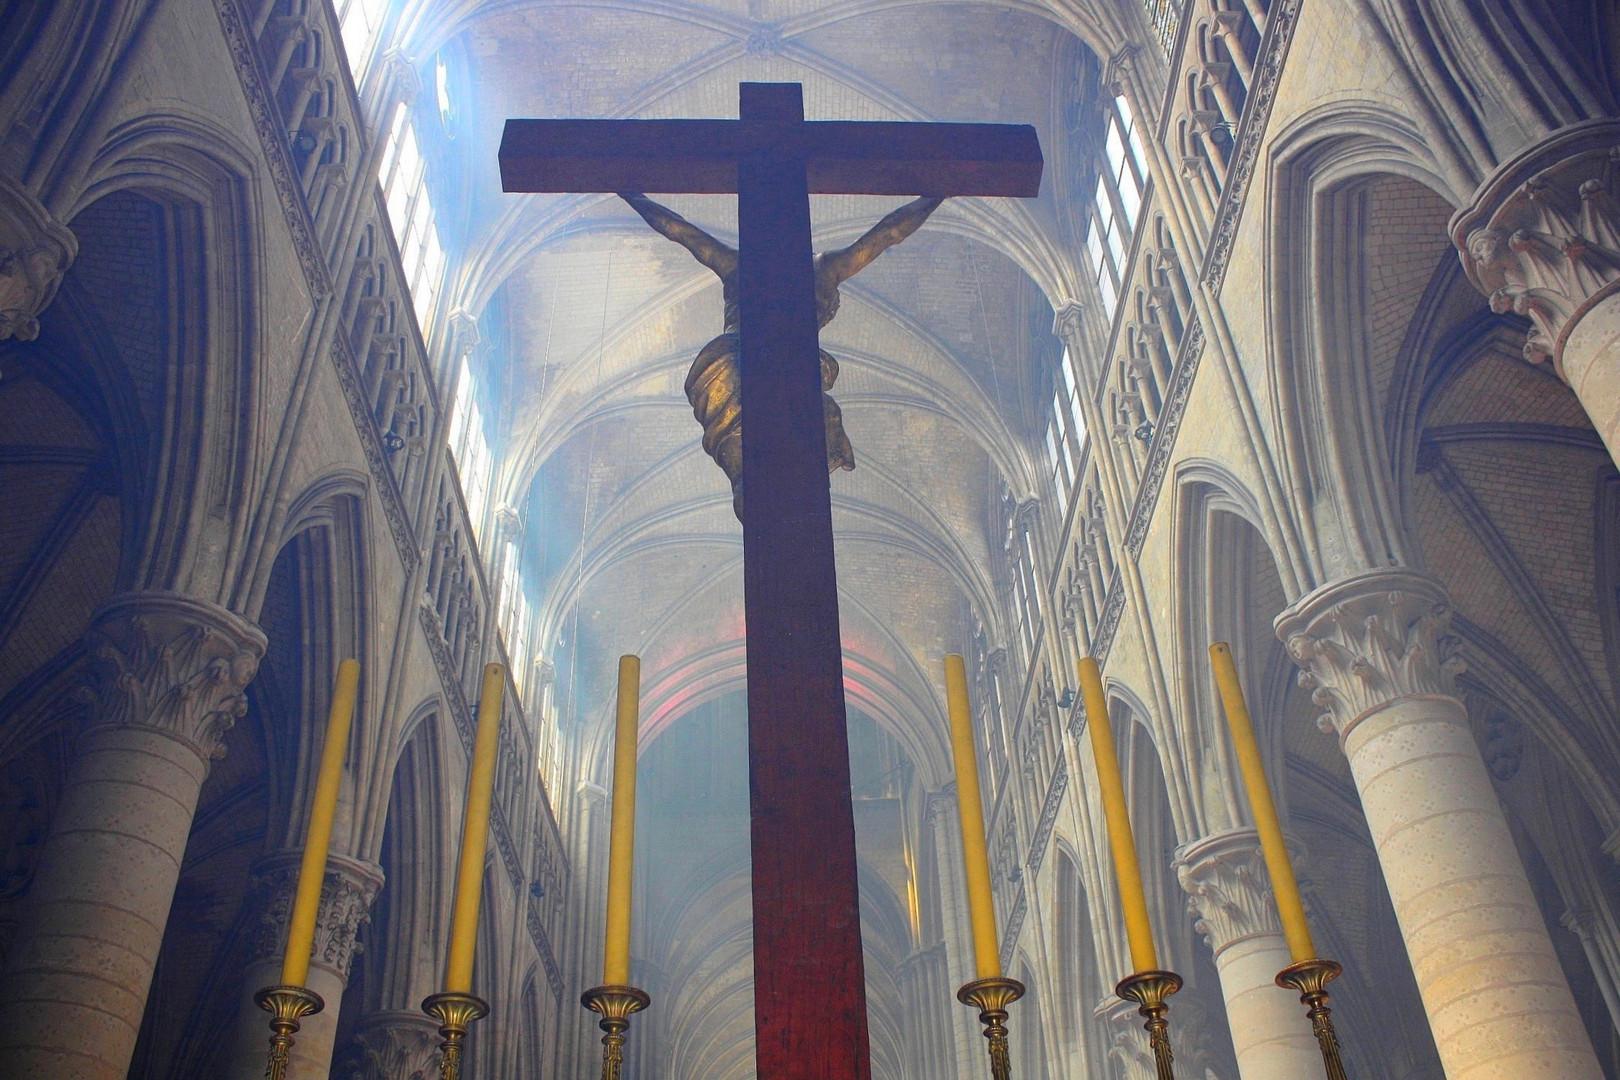 Cathédrale de Rouen Vue de derrière l'autel, dans le déambulatoire.